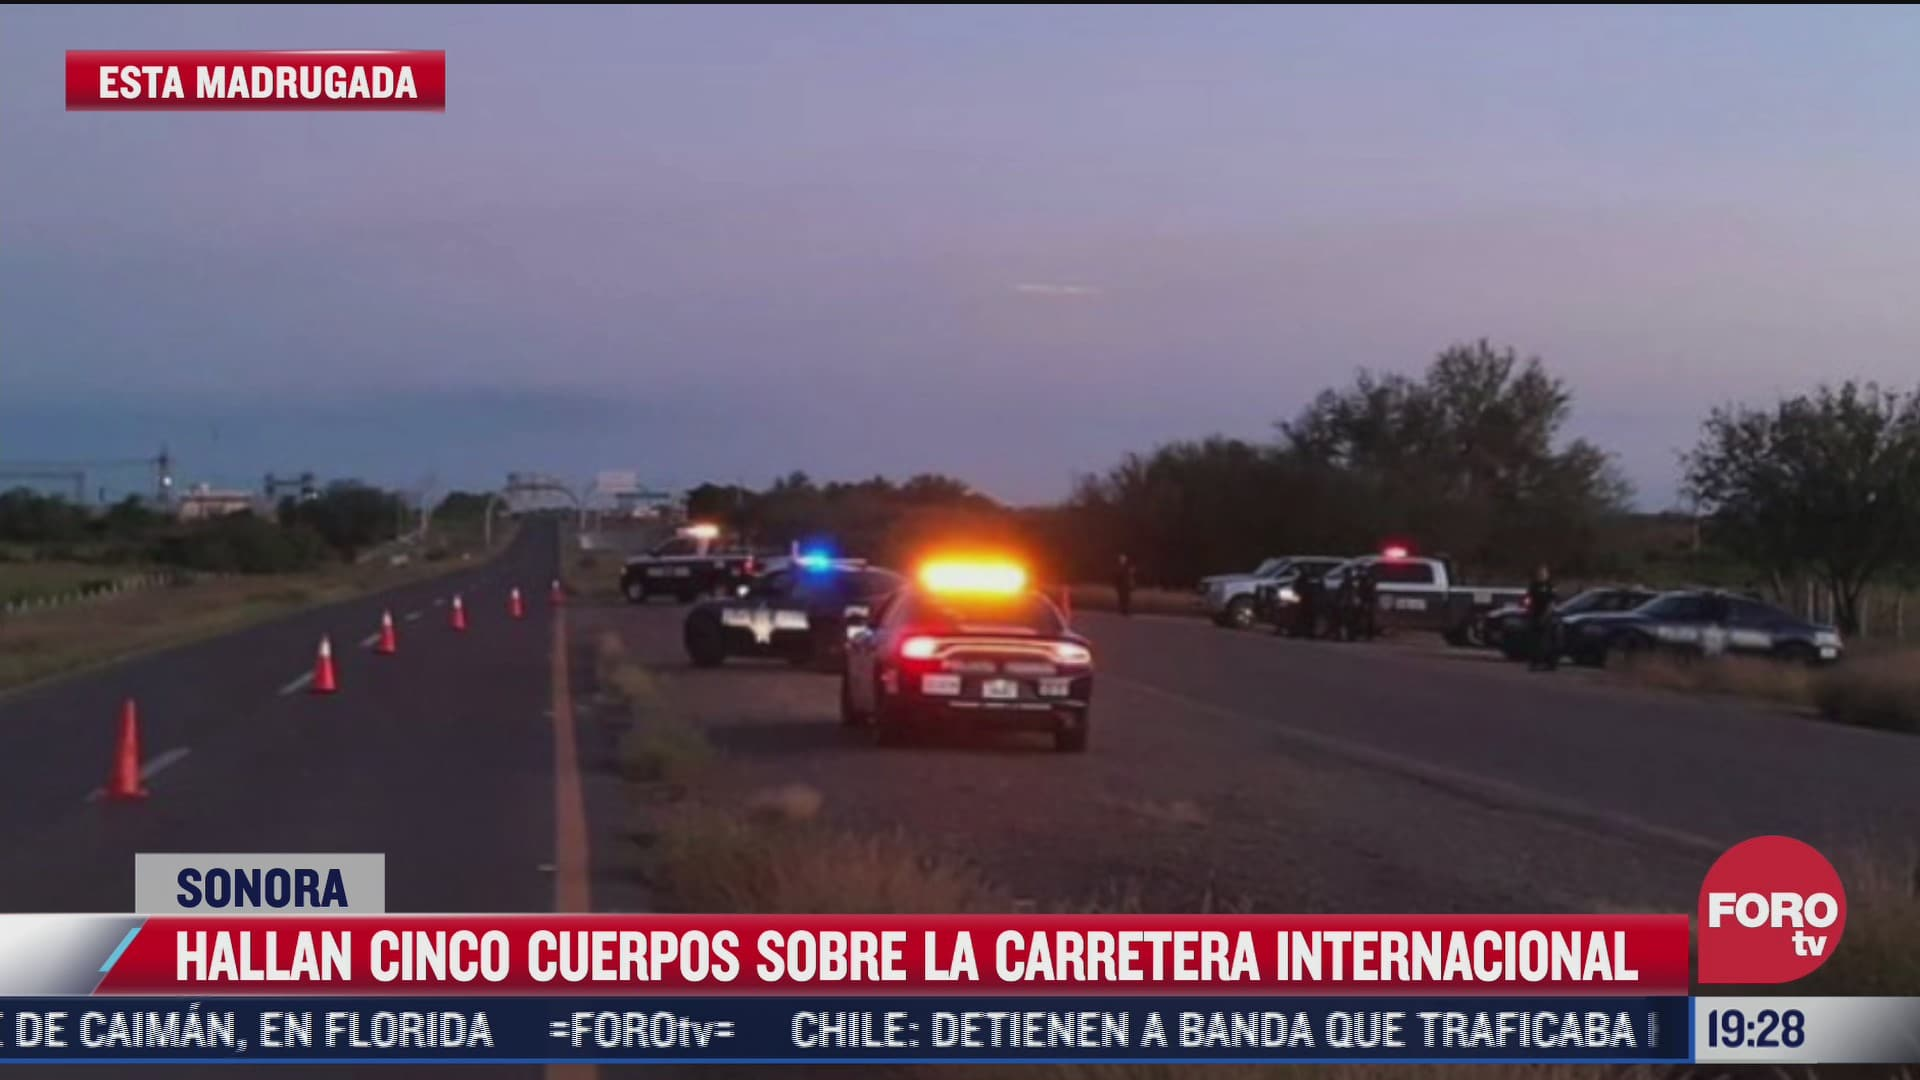 hallan cinco cuerpos y dos personas heridas en la carretera internacional en sonora